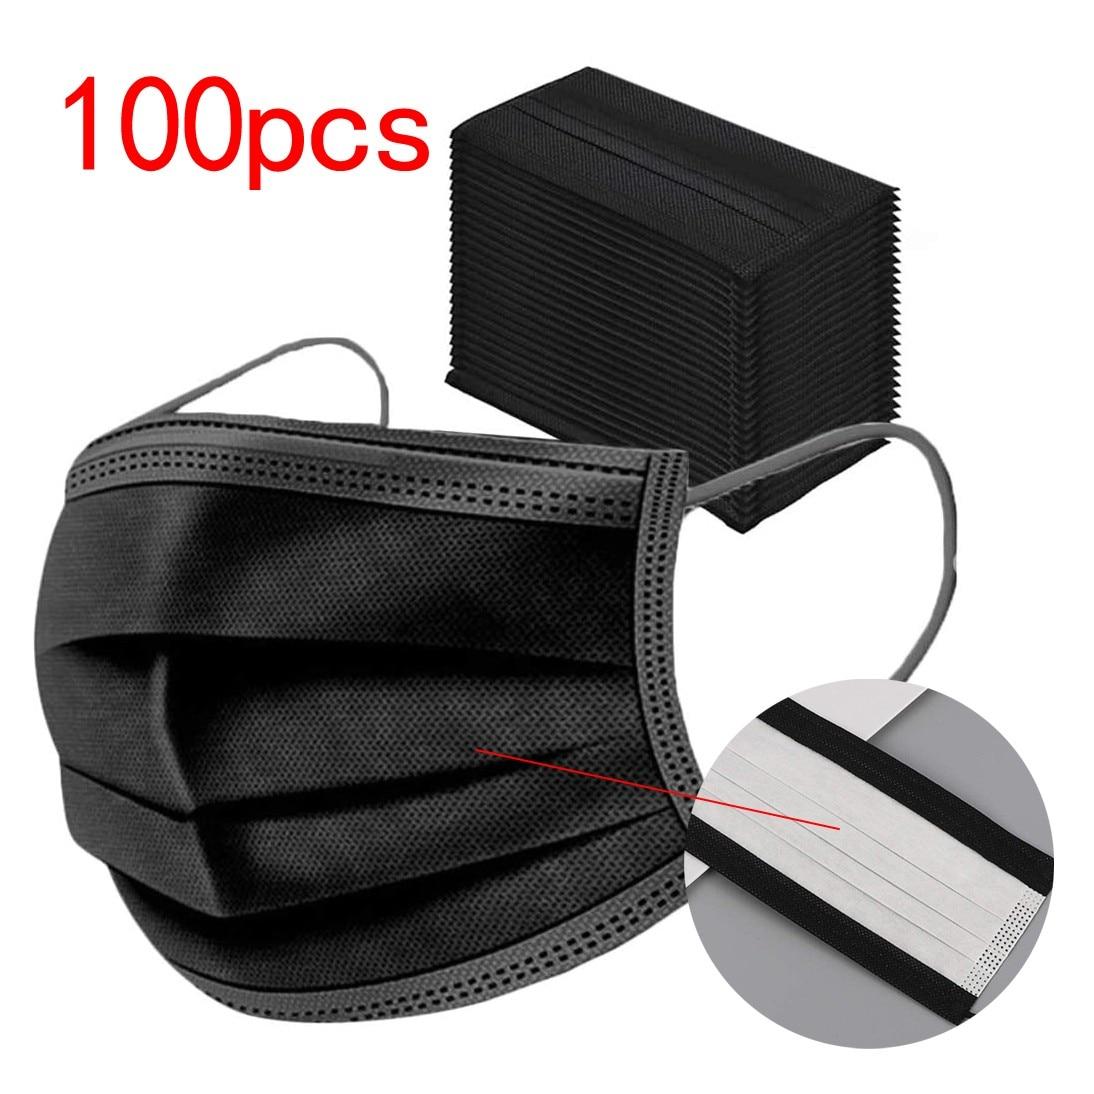 100 Pcs одноразовая маска для лица 3 Слои аэродинамическим способом из расплава Нетканые пыли гражданского женские дышащая обувь с сетчатой тк...